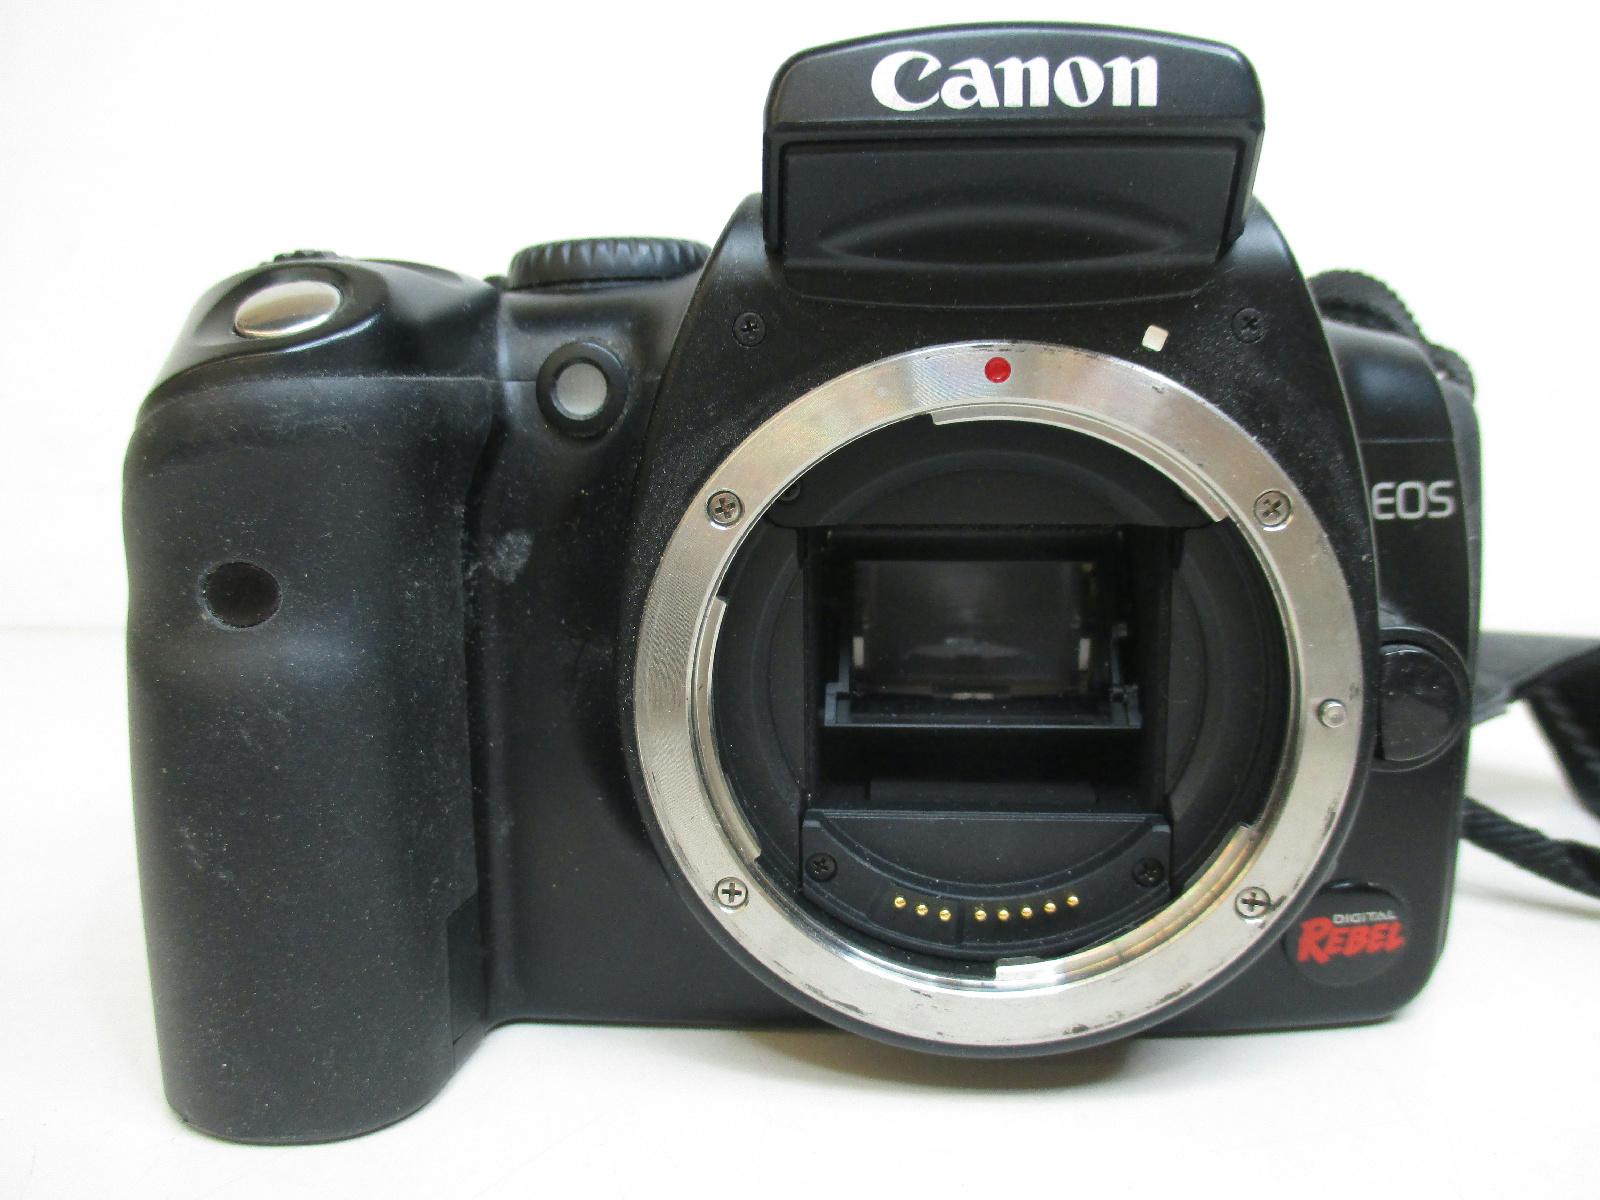 Canon Digital Rebel Model Ds6041 Camera Bundle For Parts